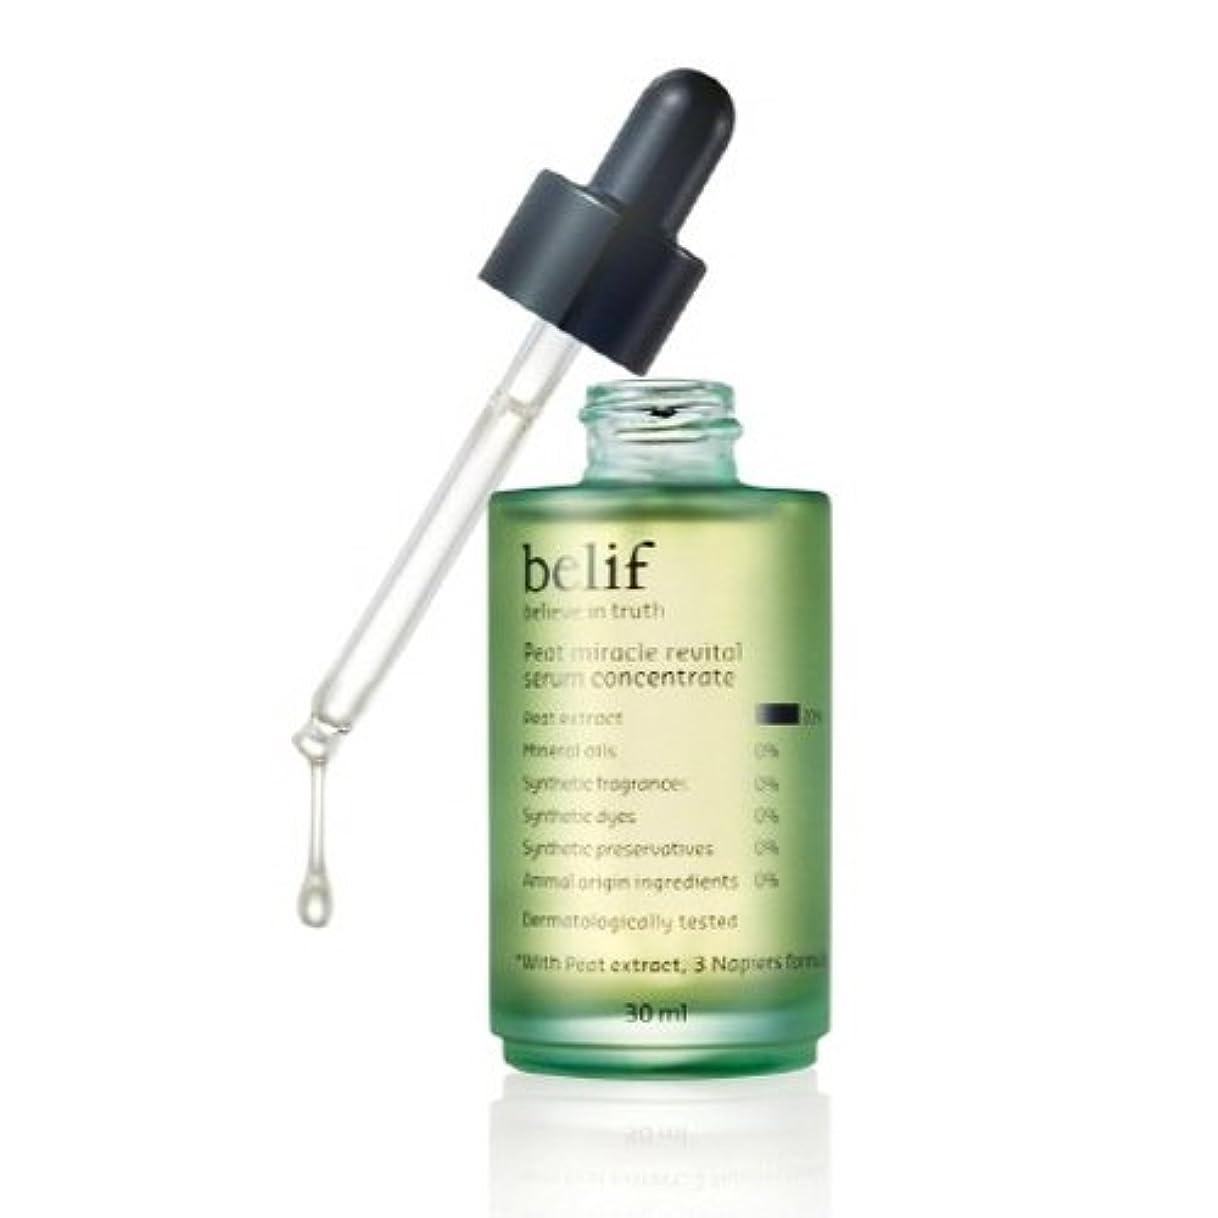 俳句負担気配りのあるBelif(ビリーフ)Peat miracle revital serum concentrate 30ml(ビリーフフィートミラクルリバイタセラムコンセントレイト)シワ改善エッセンス